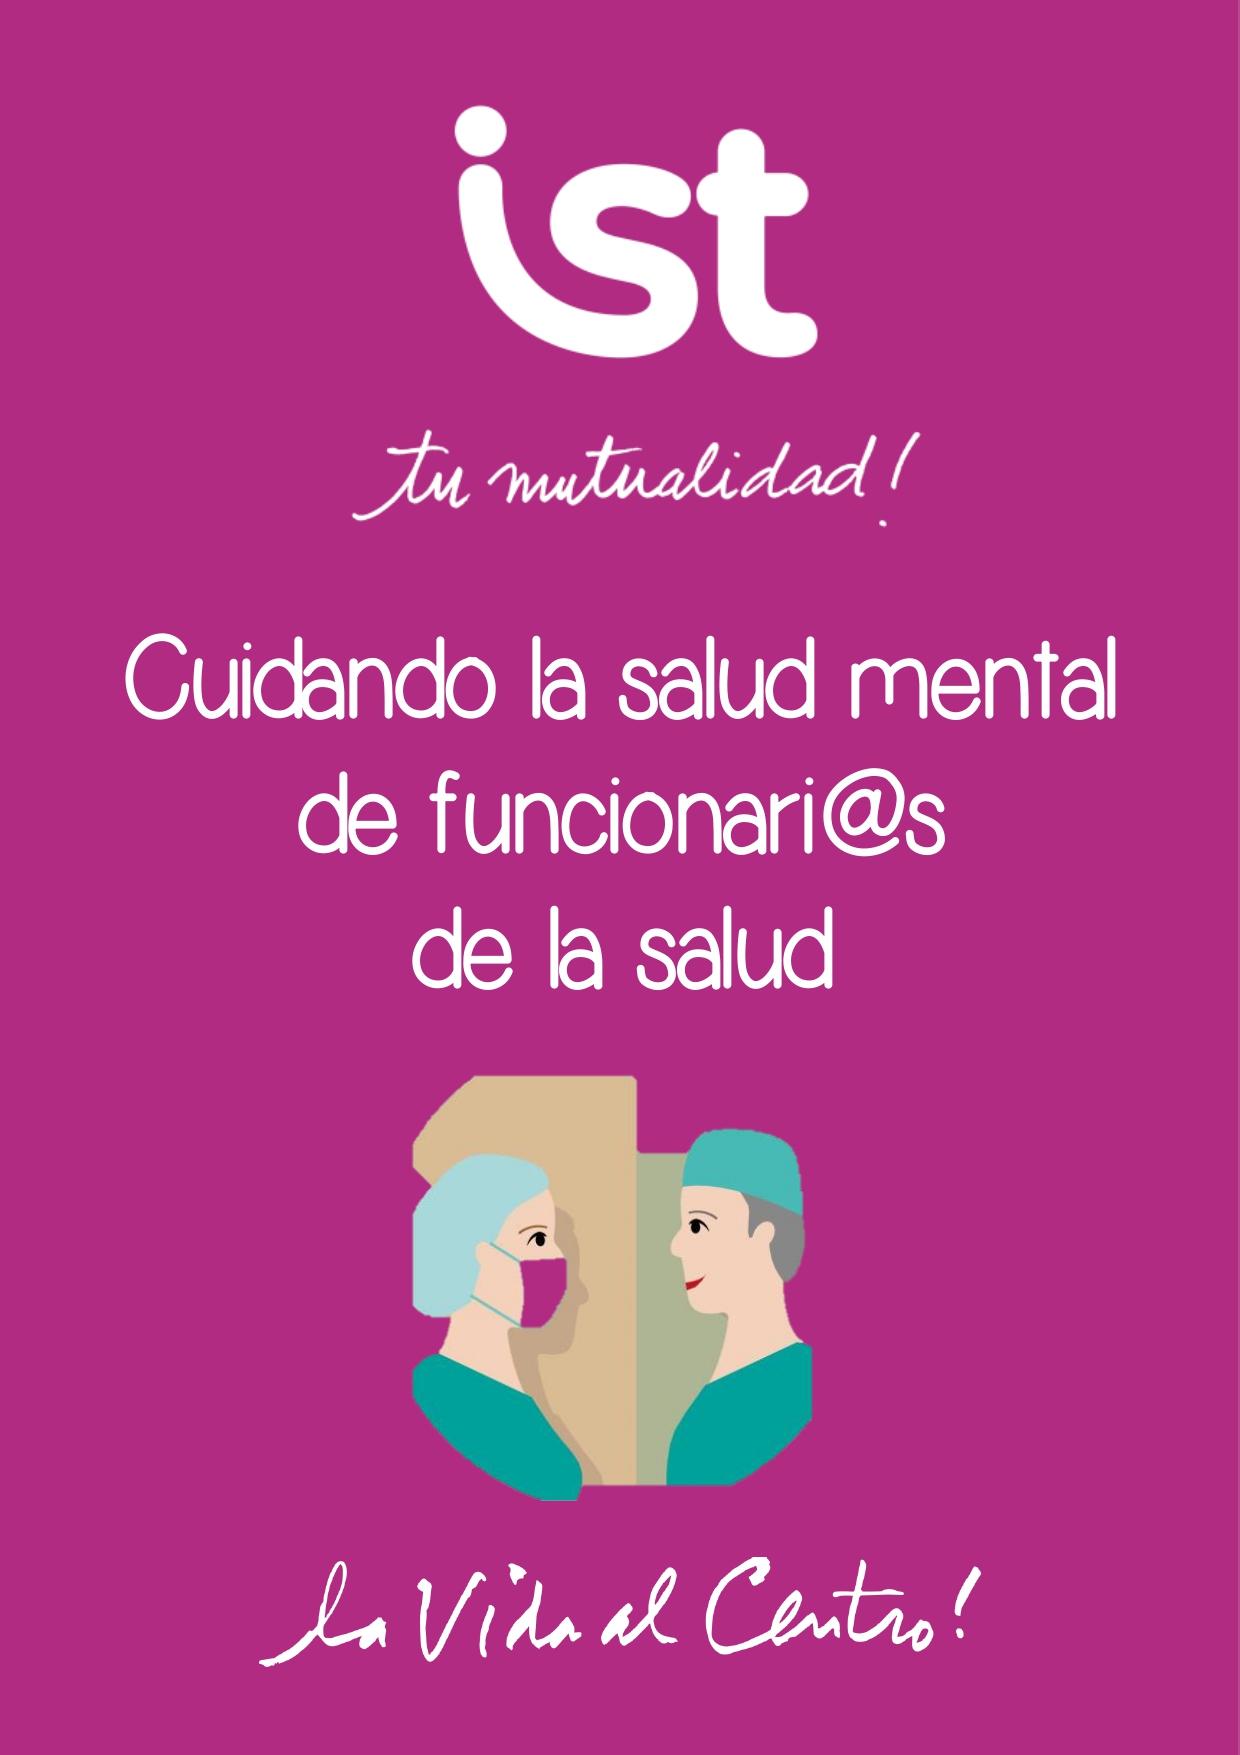 12 Recomendaciones salud mental funcionarios salud_page-0001